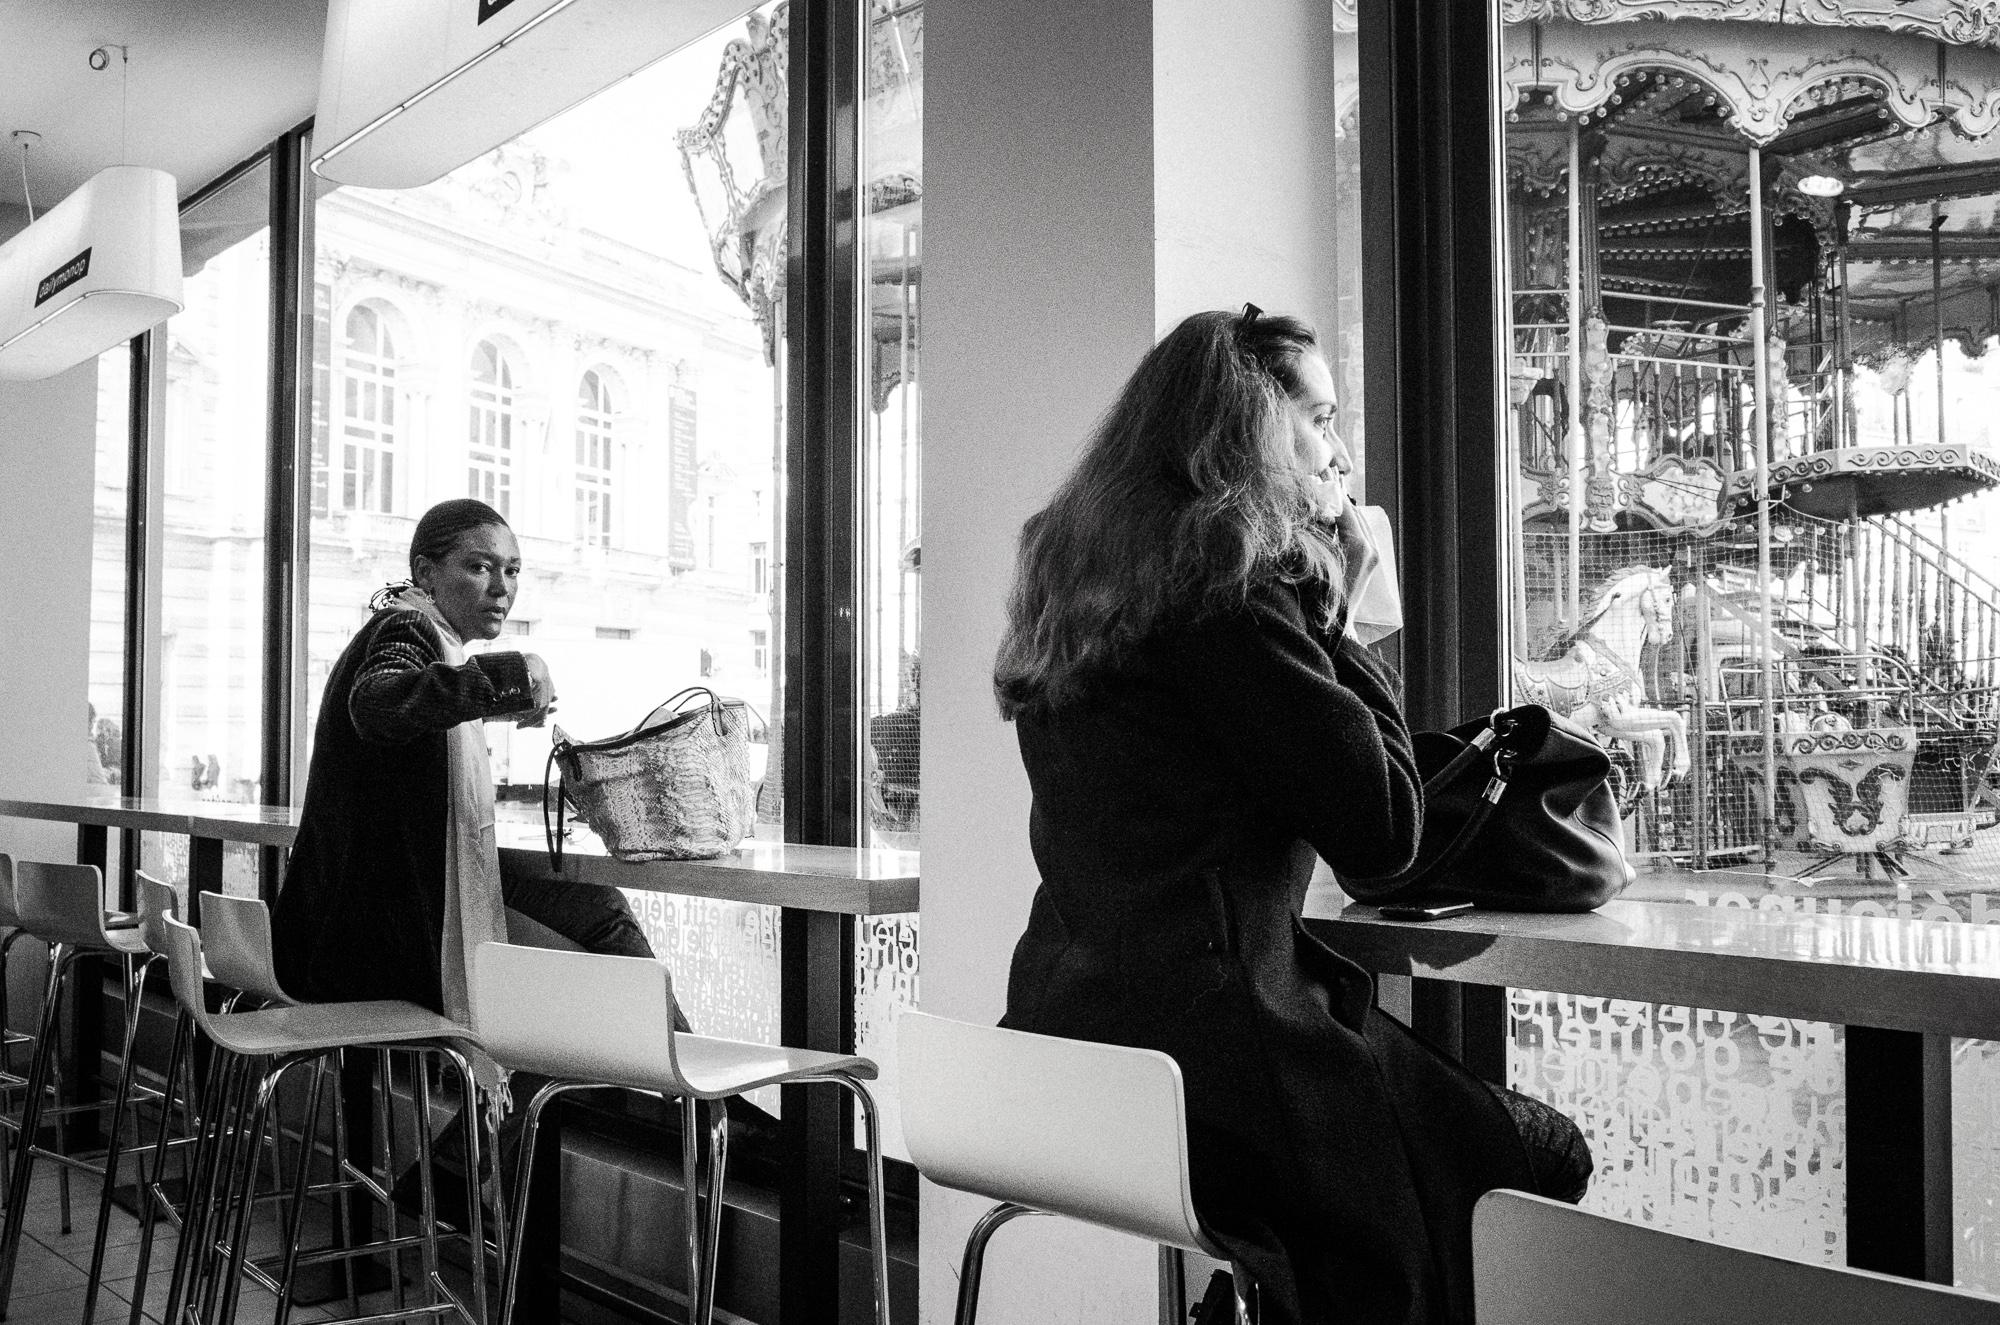 140312_coffee.carousel_002192